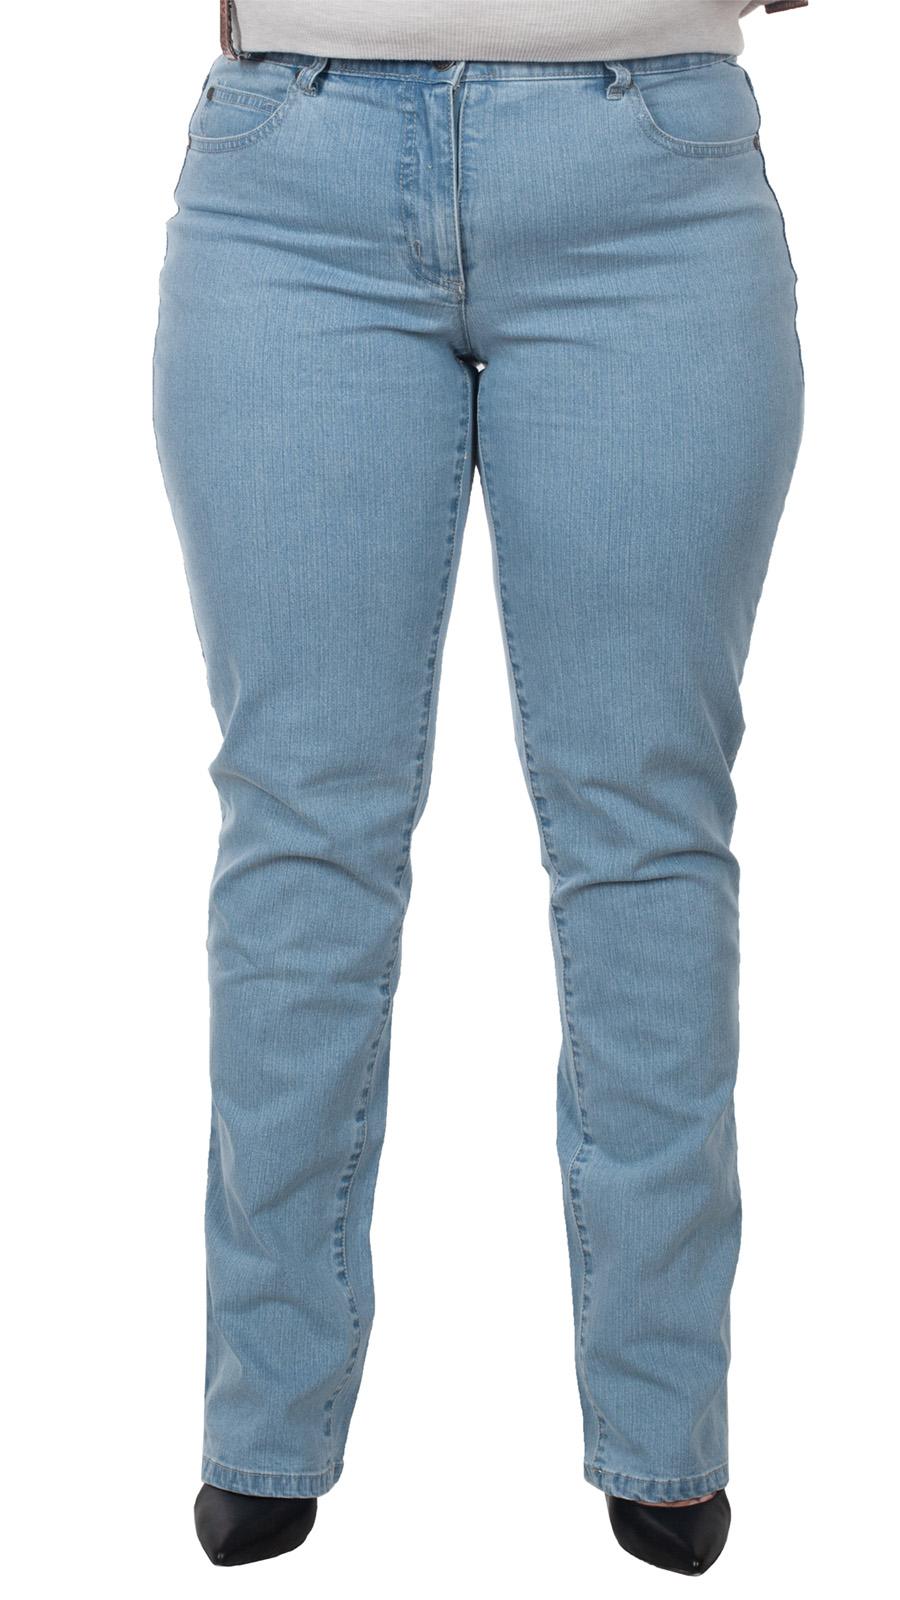 Заказать стильные джинсы для великолепных девушек только что из Европы по низкой цене